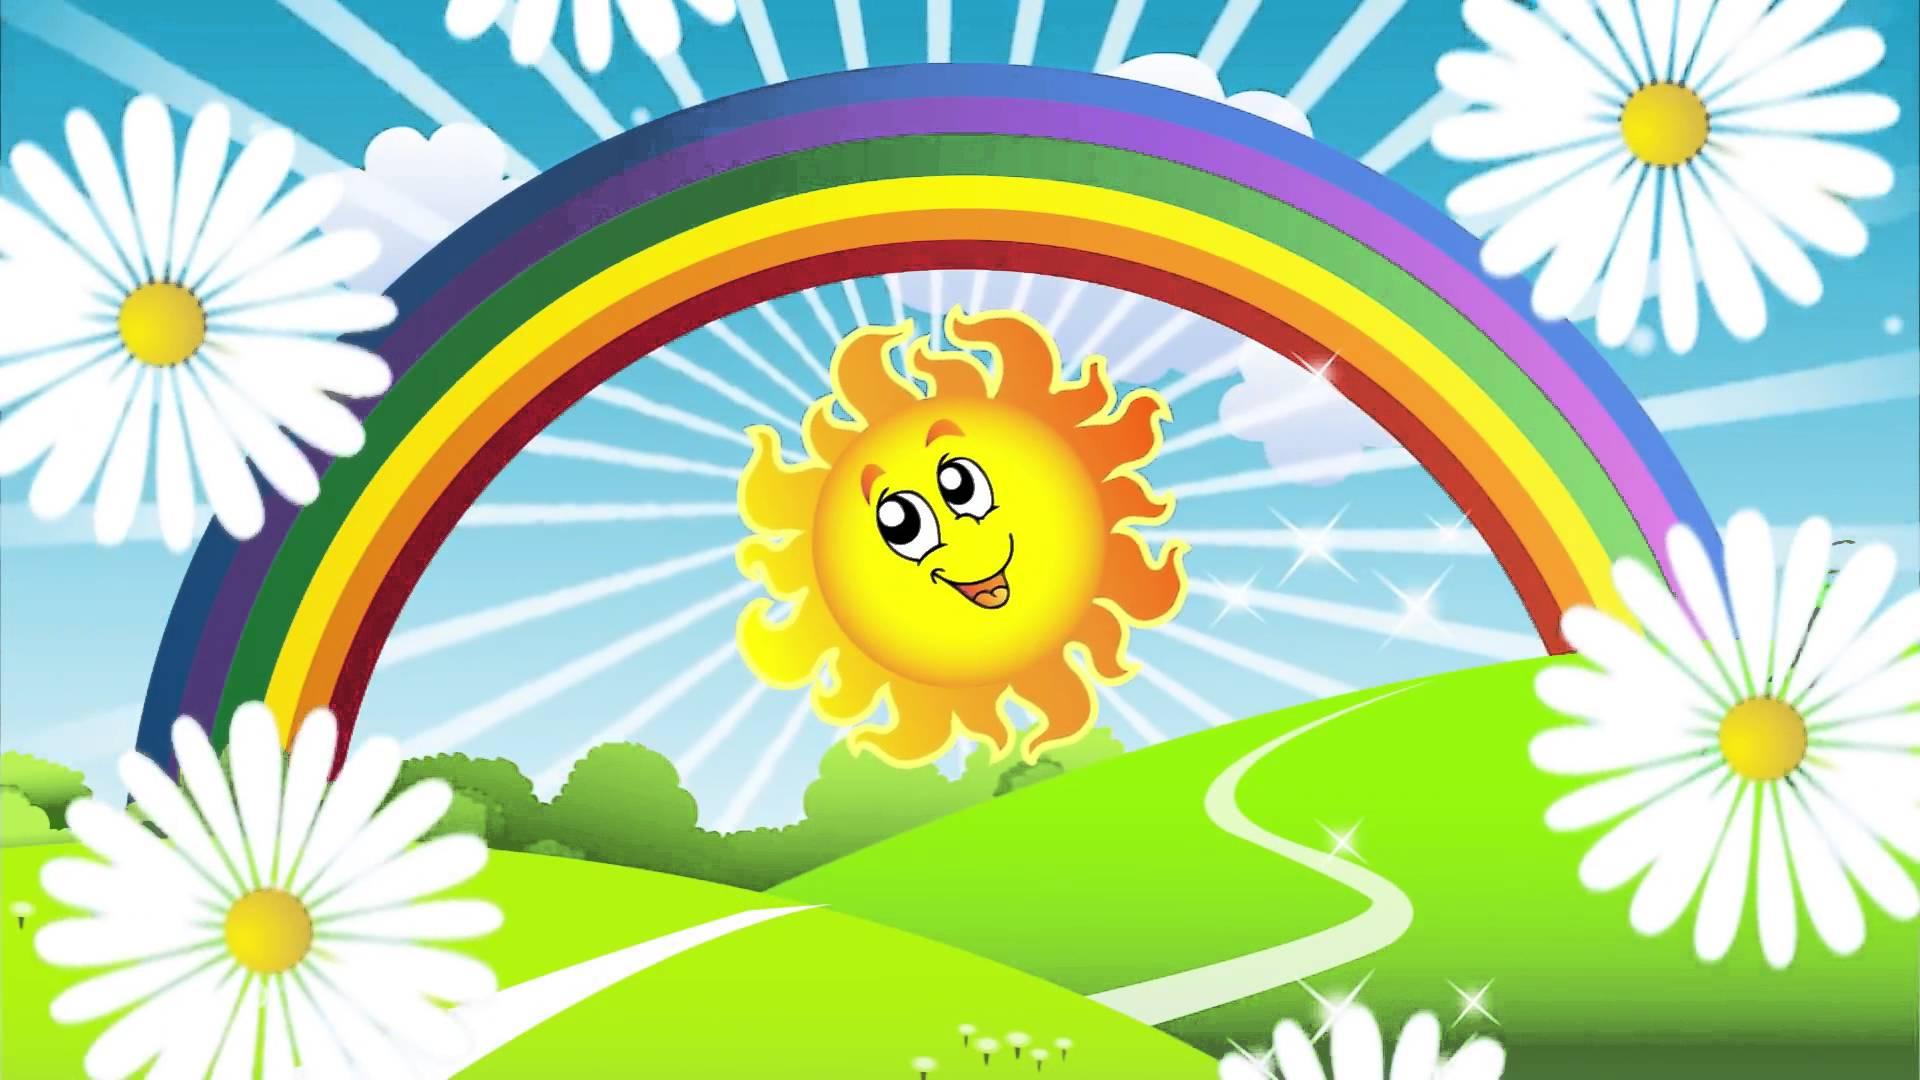 Раскраски солнышко — это лучшее лекарство от грустного настроения малышей и хмурой погоды.